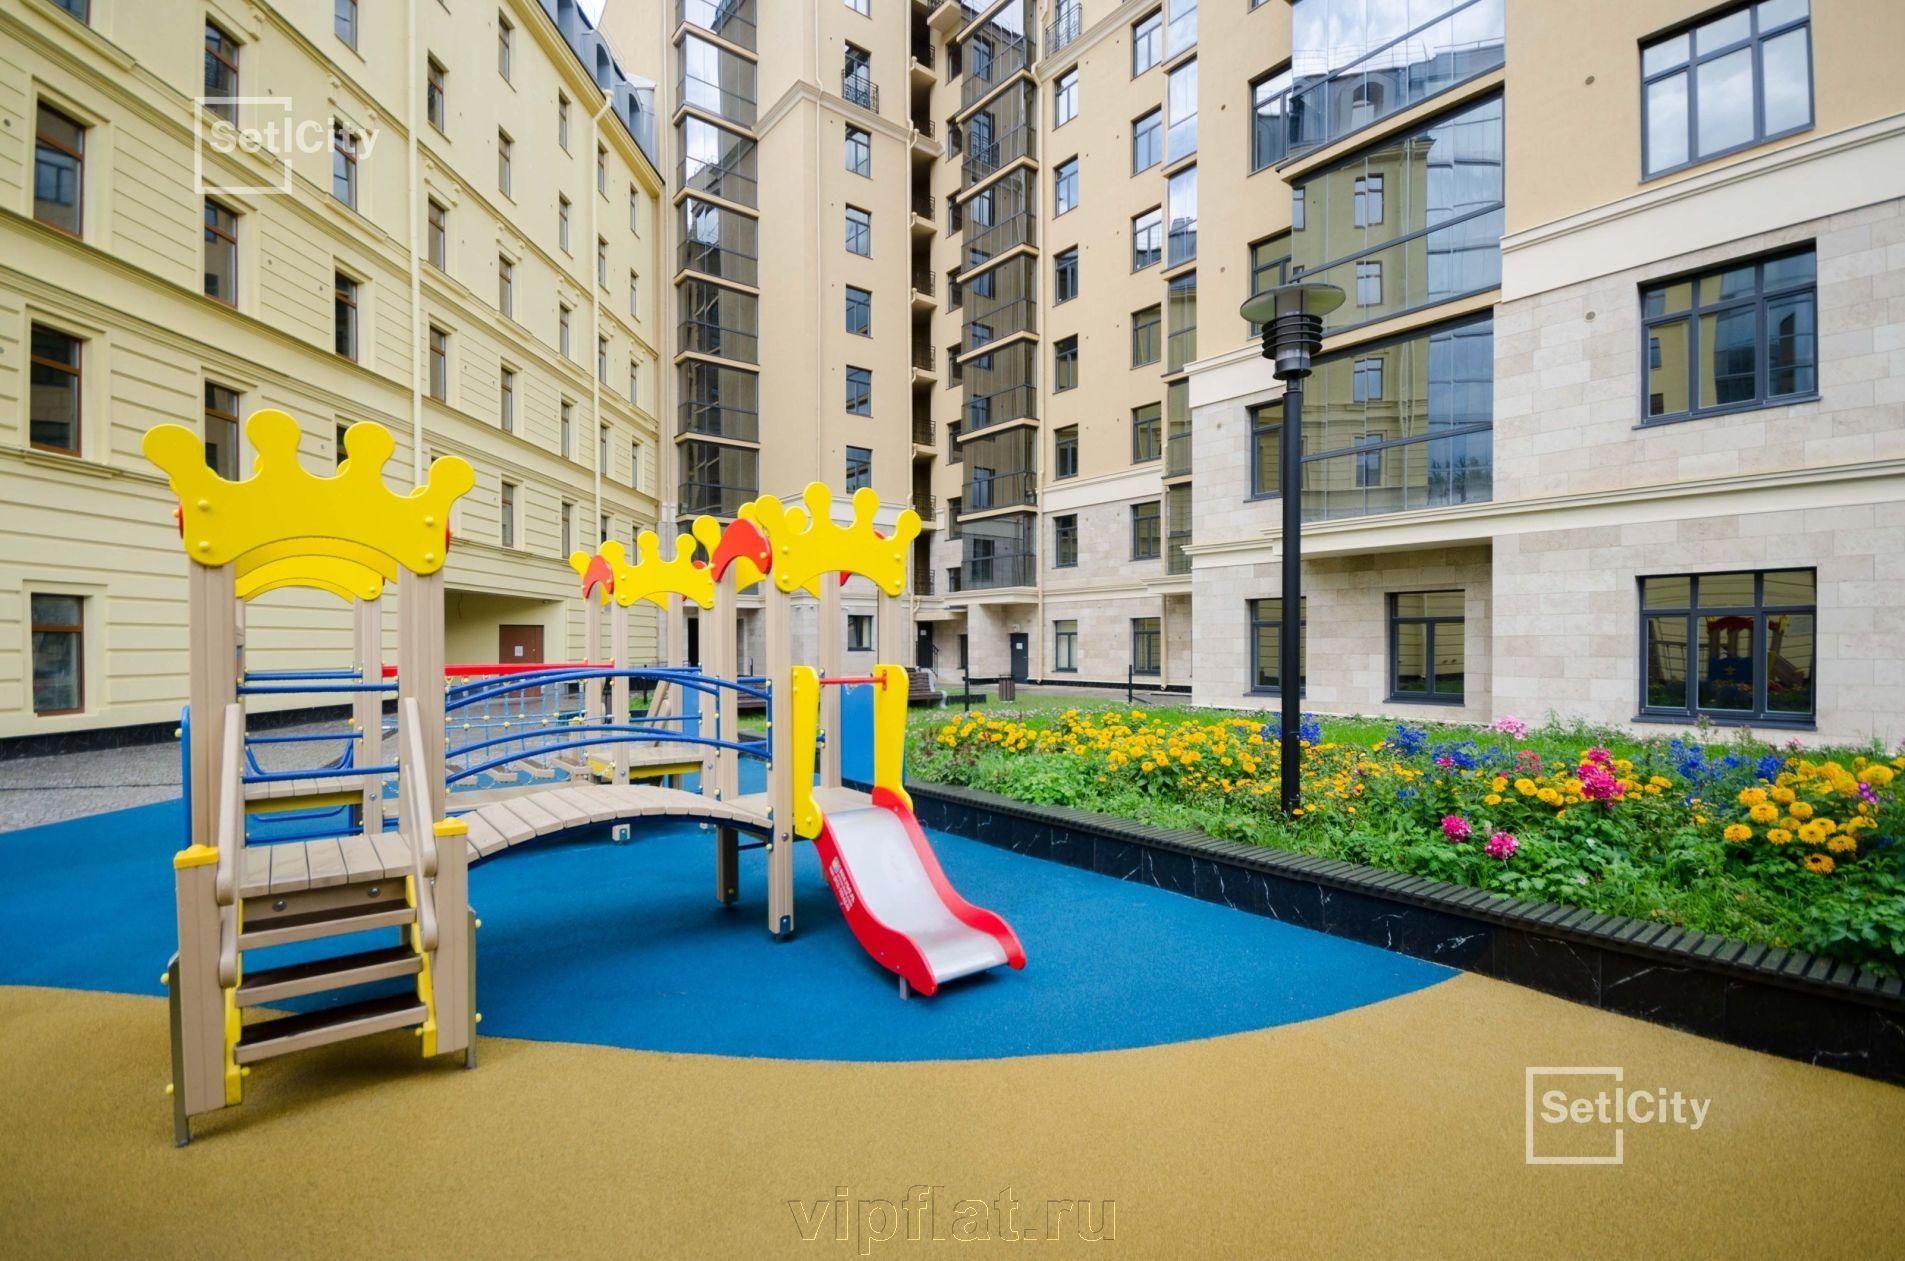 Продажа элитных квартир Санкт-Петербурга. Кирочная улица, 57 Детская площадка во дворе